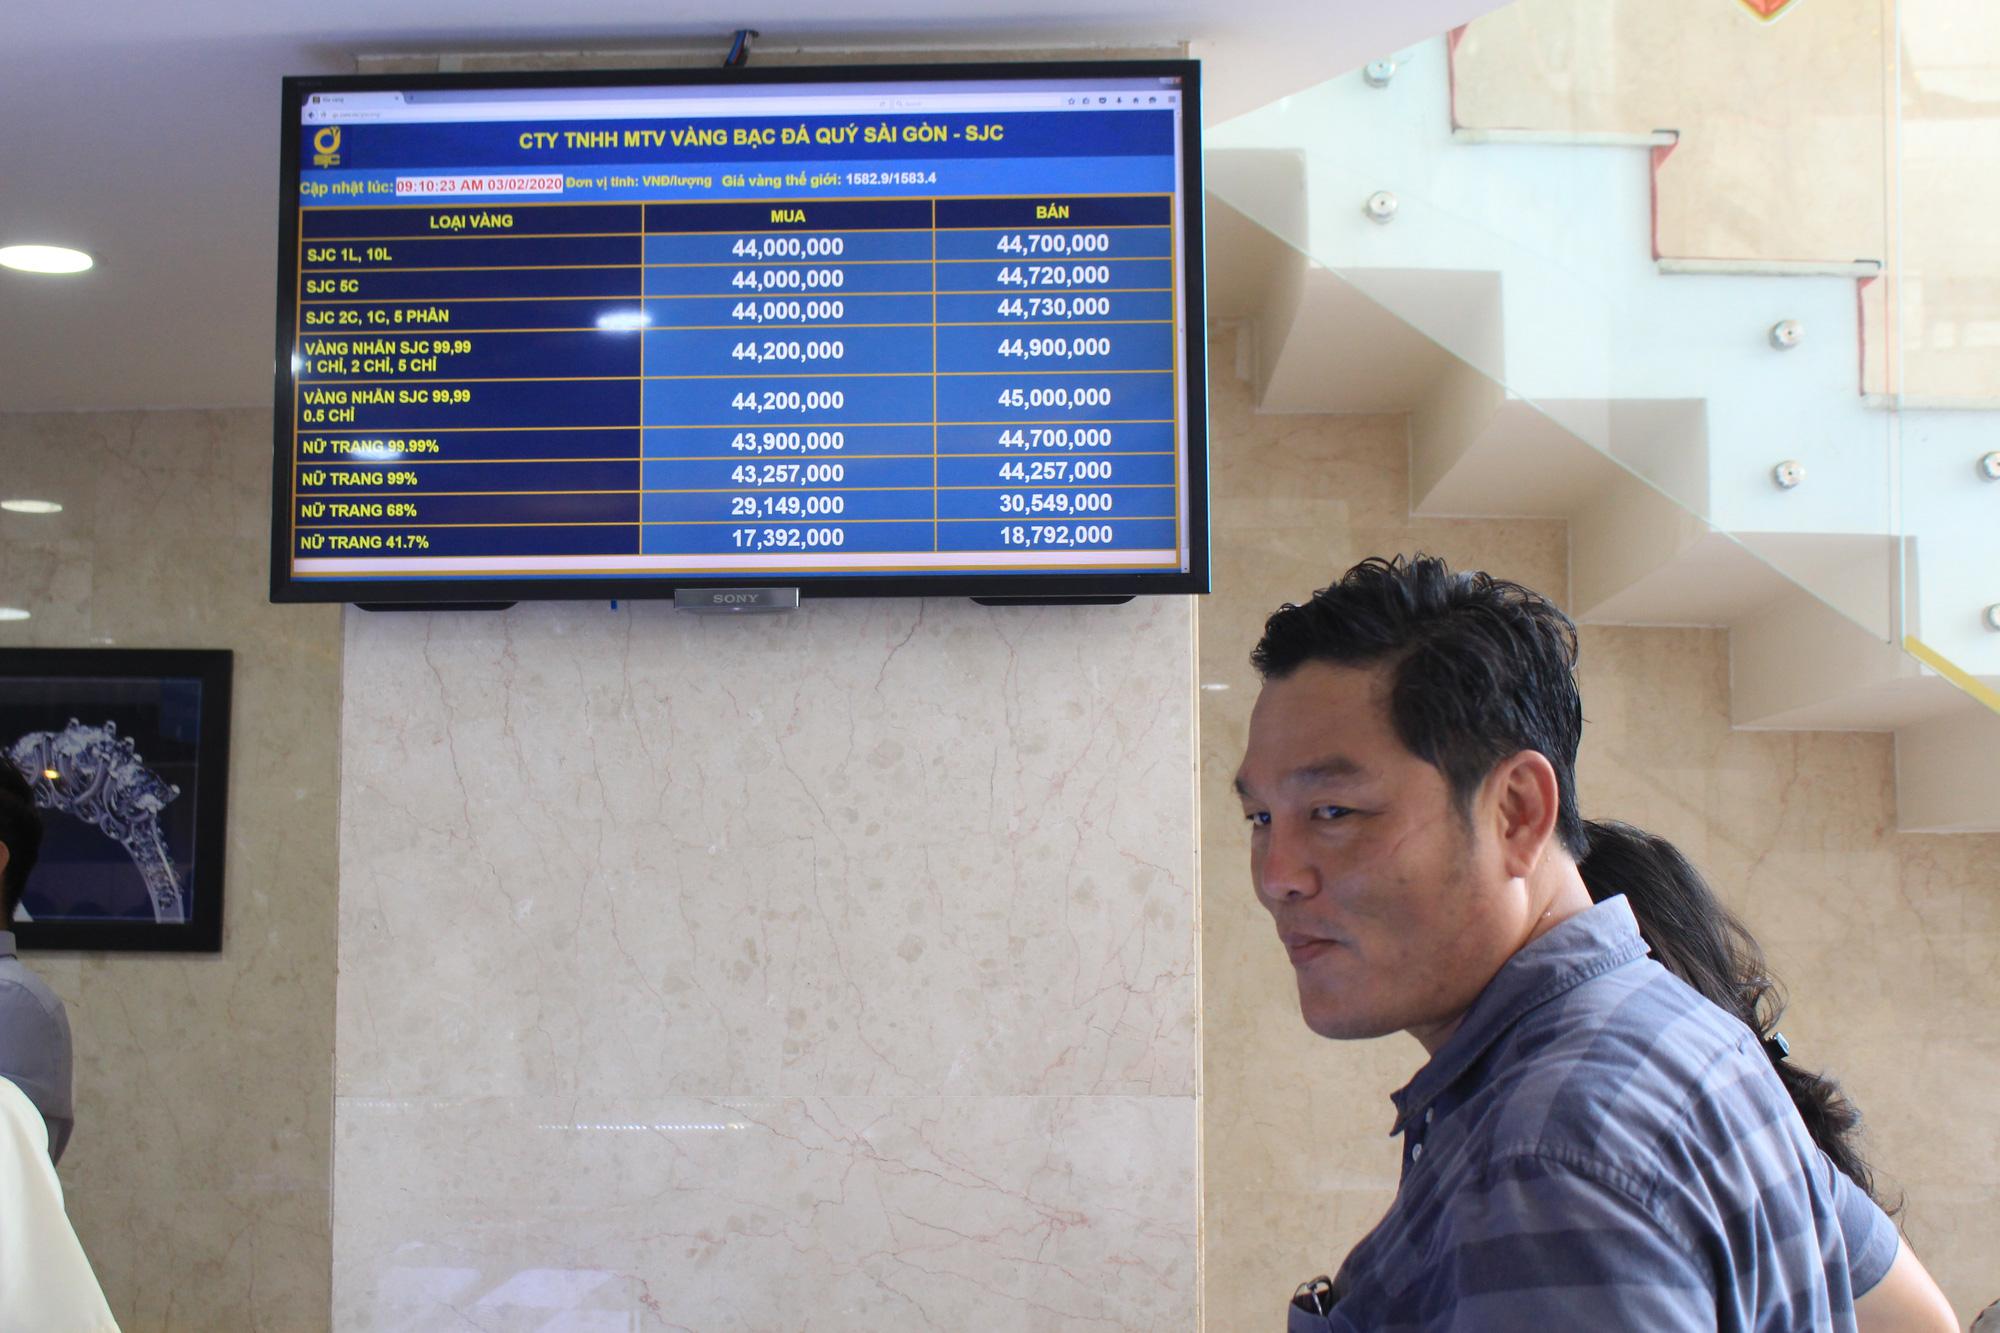 Người Sài Gòn ùn ùn xếp hàng, bốc số mua vàng ngày Thần tài để cầu may đầu năm - Ảnh 2.